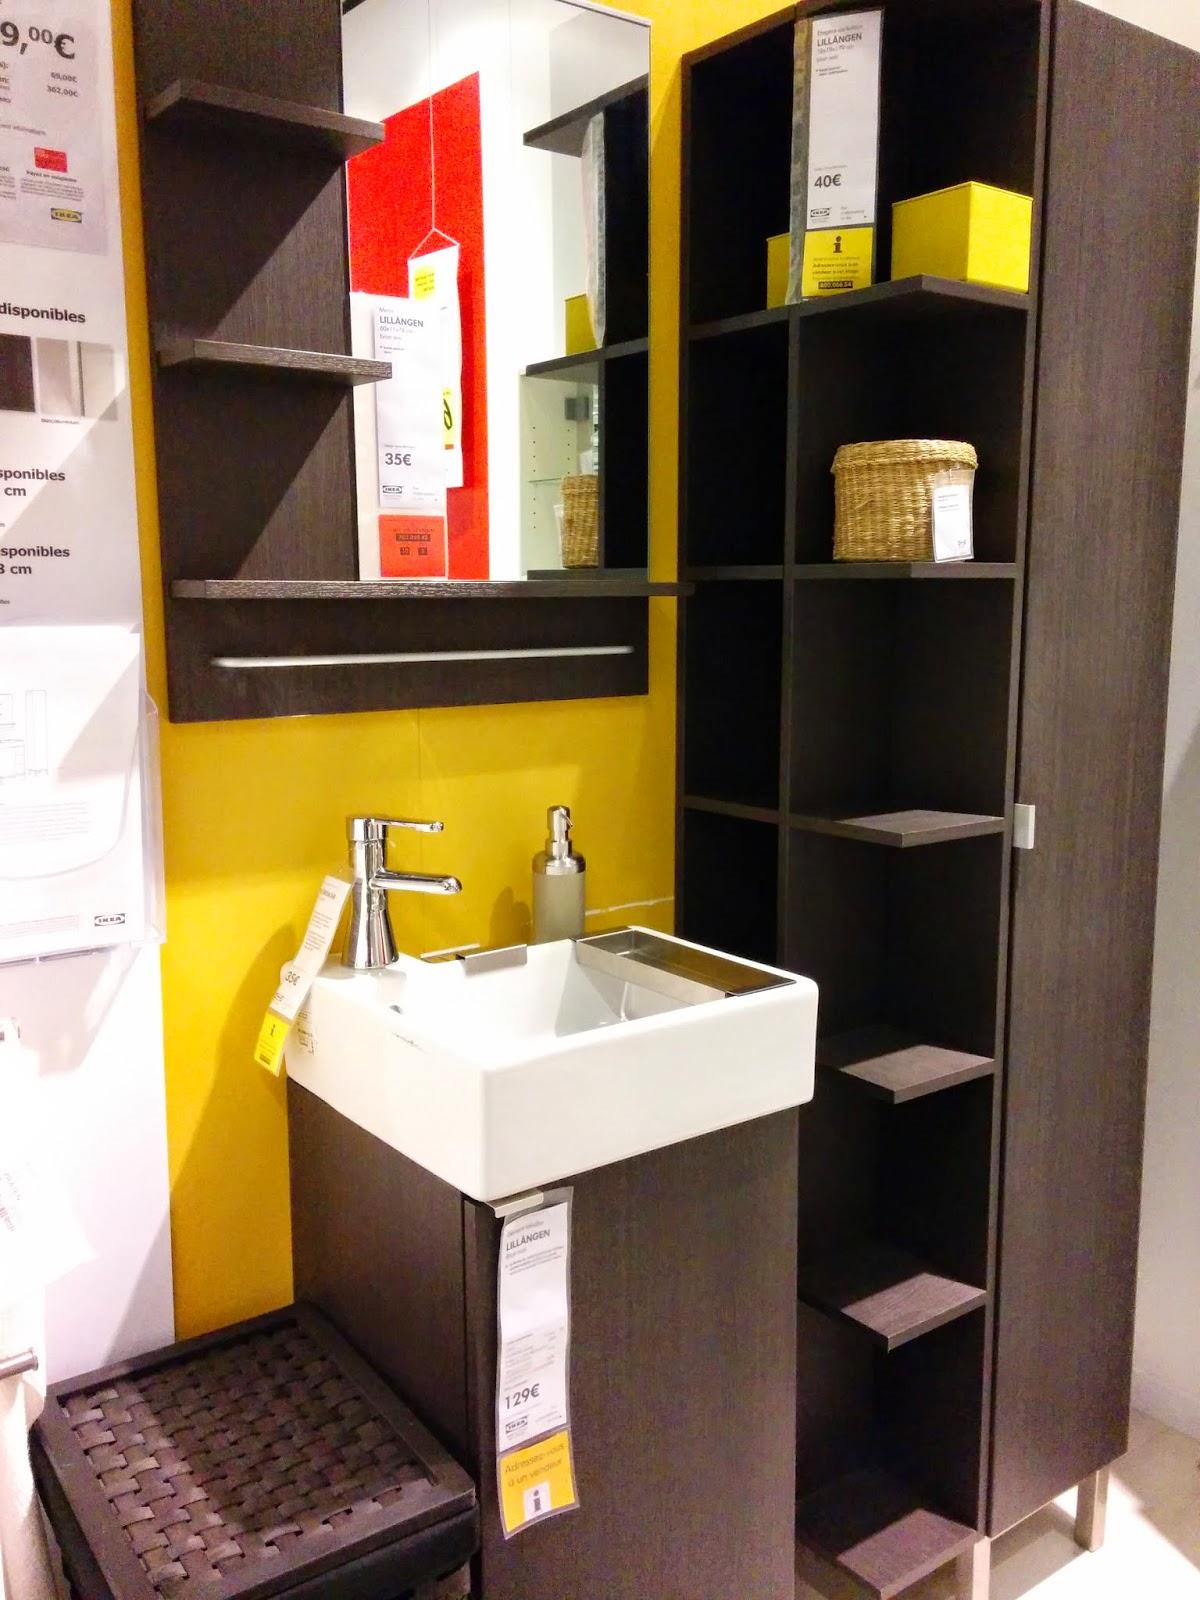 refaire salle de bain prix le vinyle incroyable tarif refaire salle de bain 77 pour votre ides. Black Bedroom Furniture Sets. Home Design Ideas